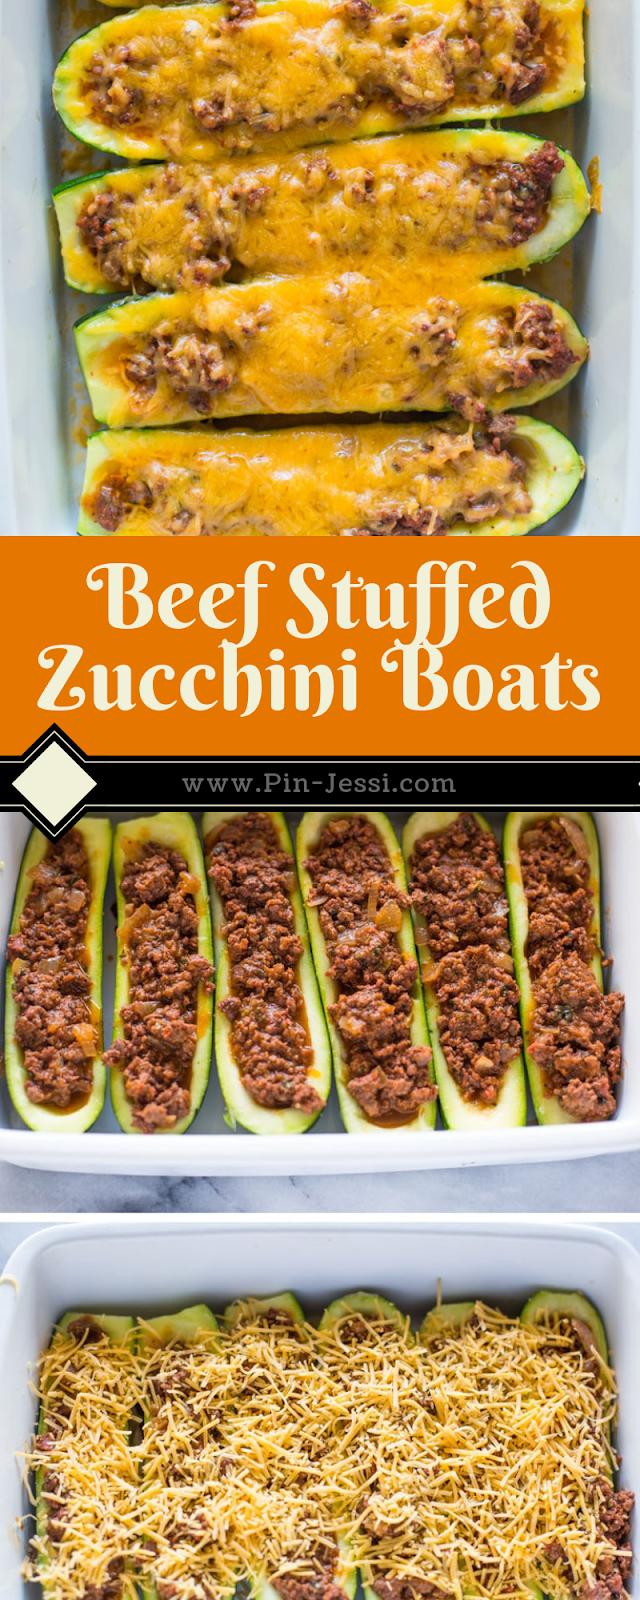 Beef Stuffed Zucchini Boats Recipe In 2020 Zucchini Boat Recipes Zuchinni Recipes Beef Recipes